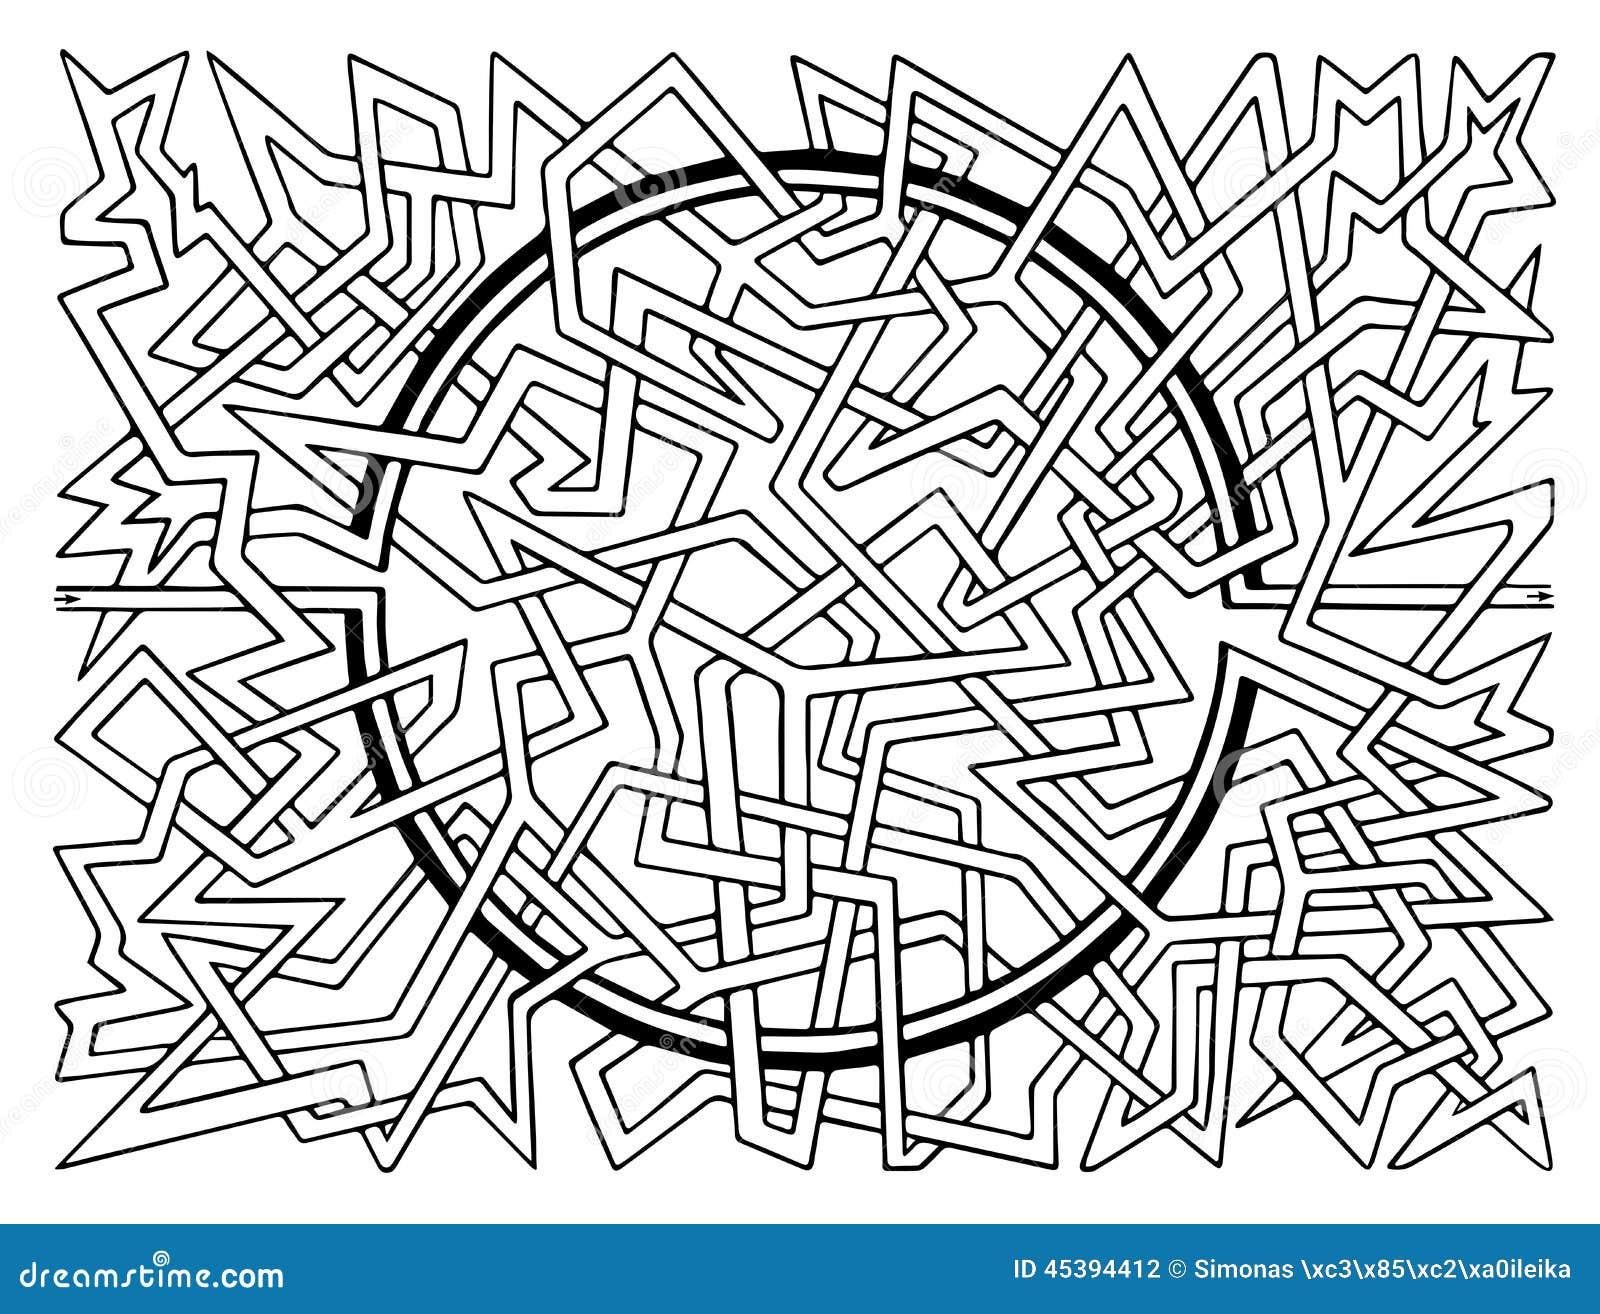 Brain Teaser Stock Illustrations – 2,992 Brain Teaser Stock